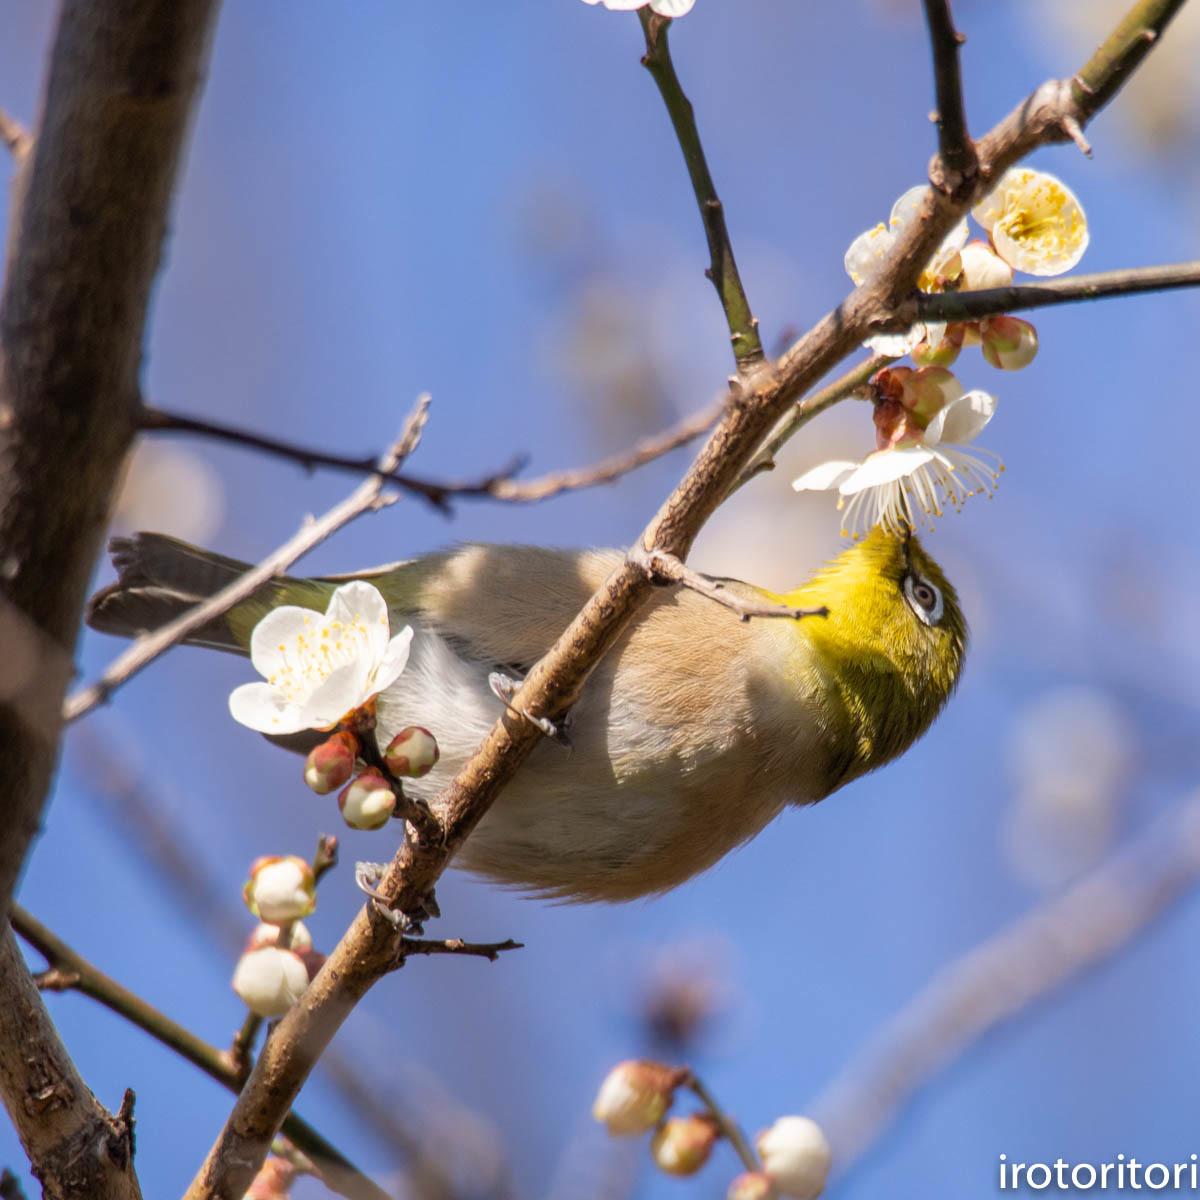 梅が咲いてました〜!!  (メジロ)  2020/02/08_d0146592_01171451.jpg